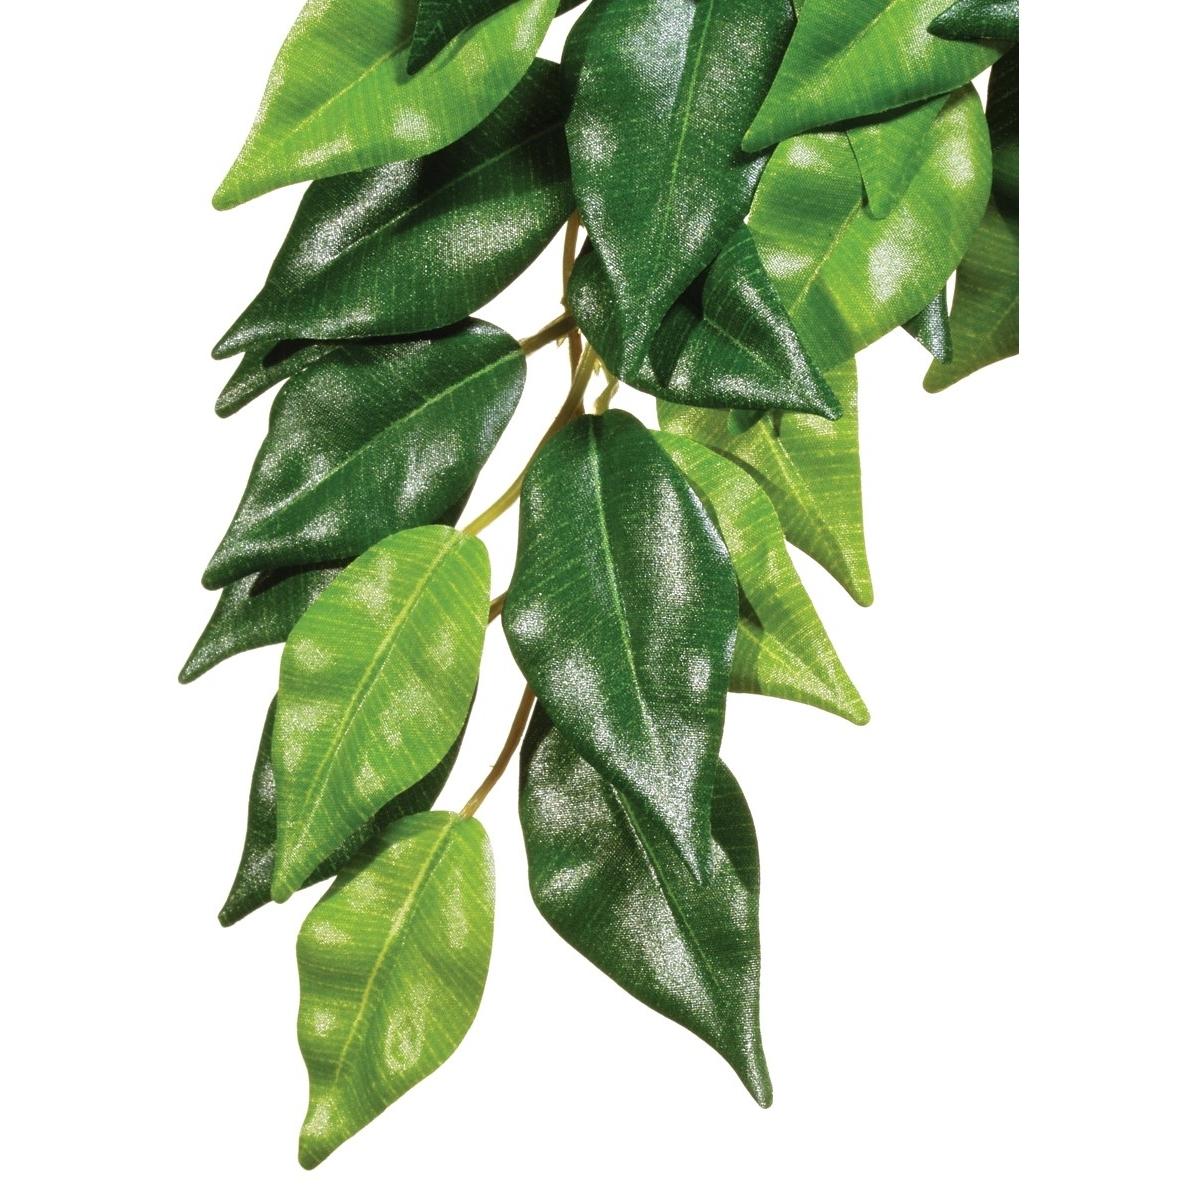 Hagen Exo Terra - hängende Pflanzen, Fikus groß - 22,5 x 62,0 x 4,0 cm